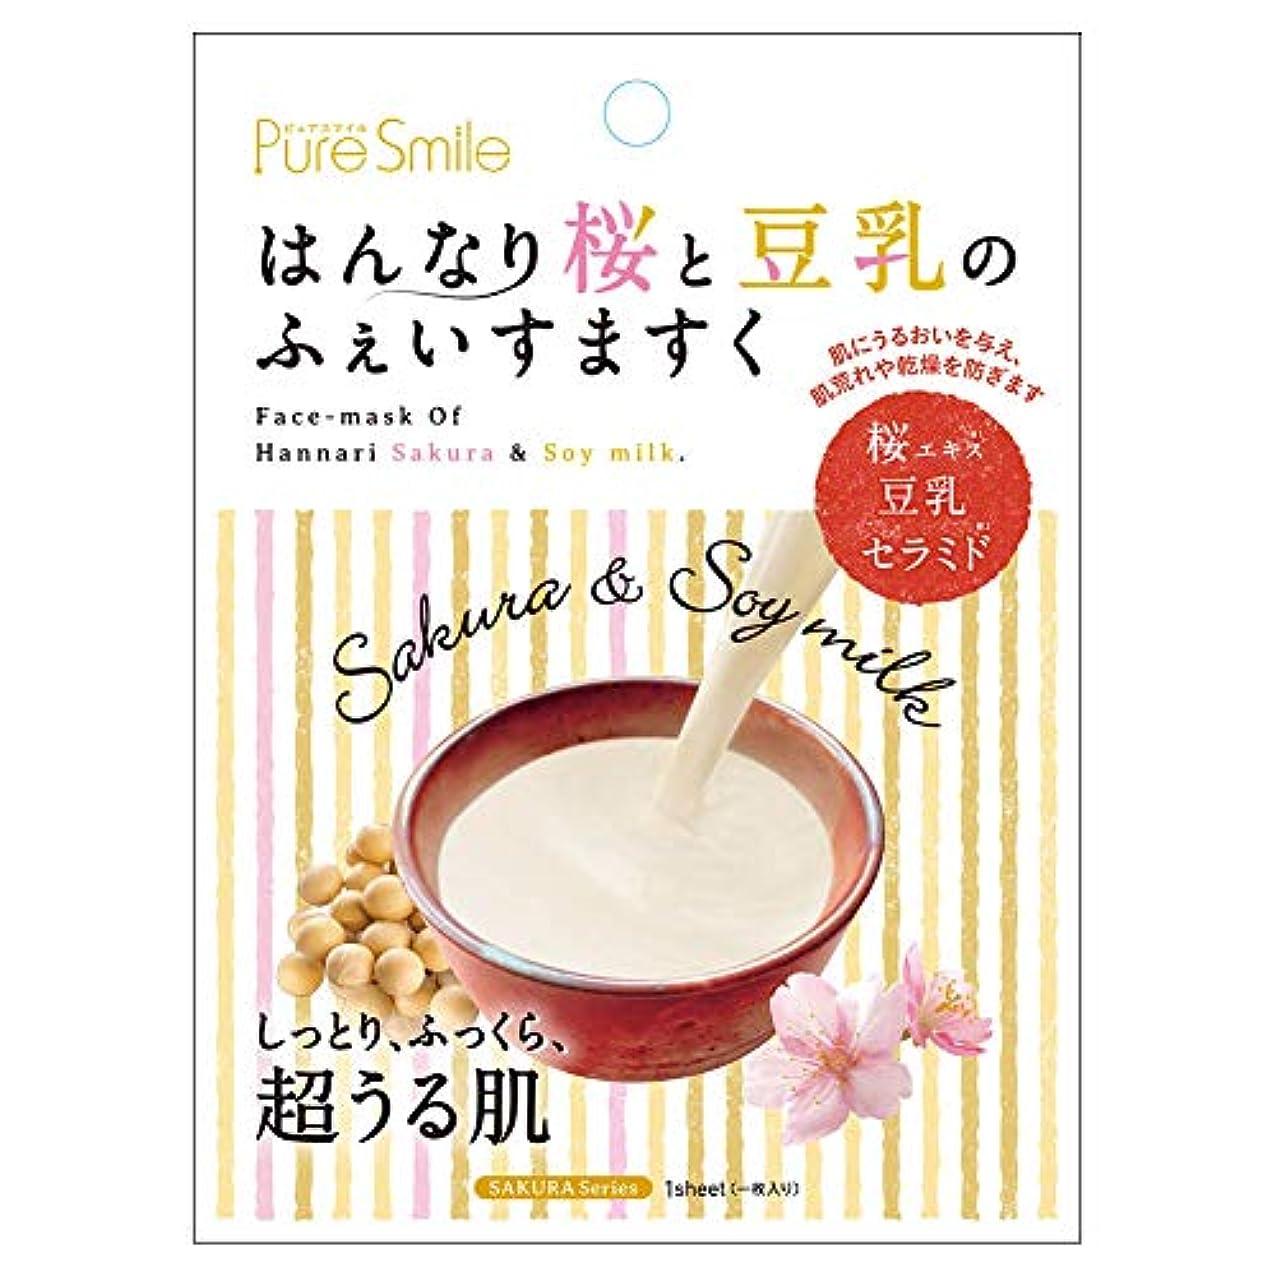 名前徒歩で単なるPure Smile ピュアスマイル サクラエッセンスマスク SR03 はんなり桜と豆乳